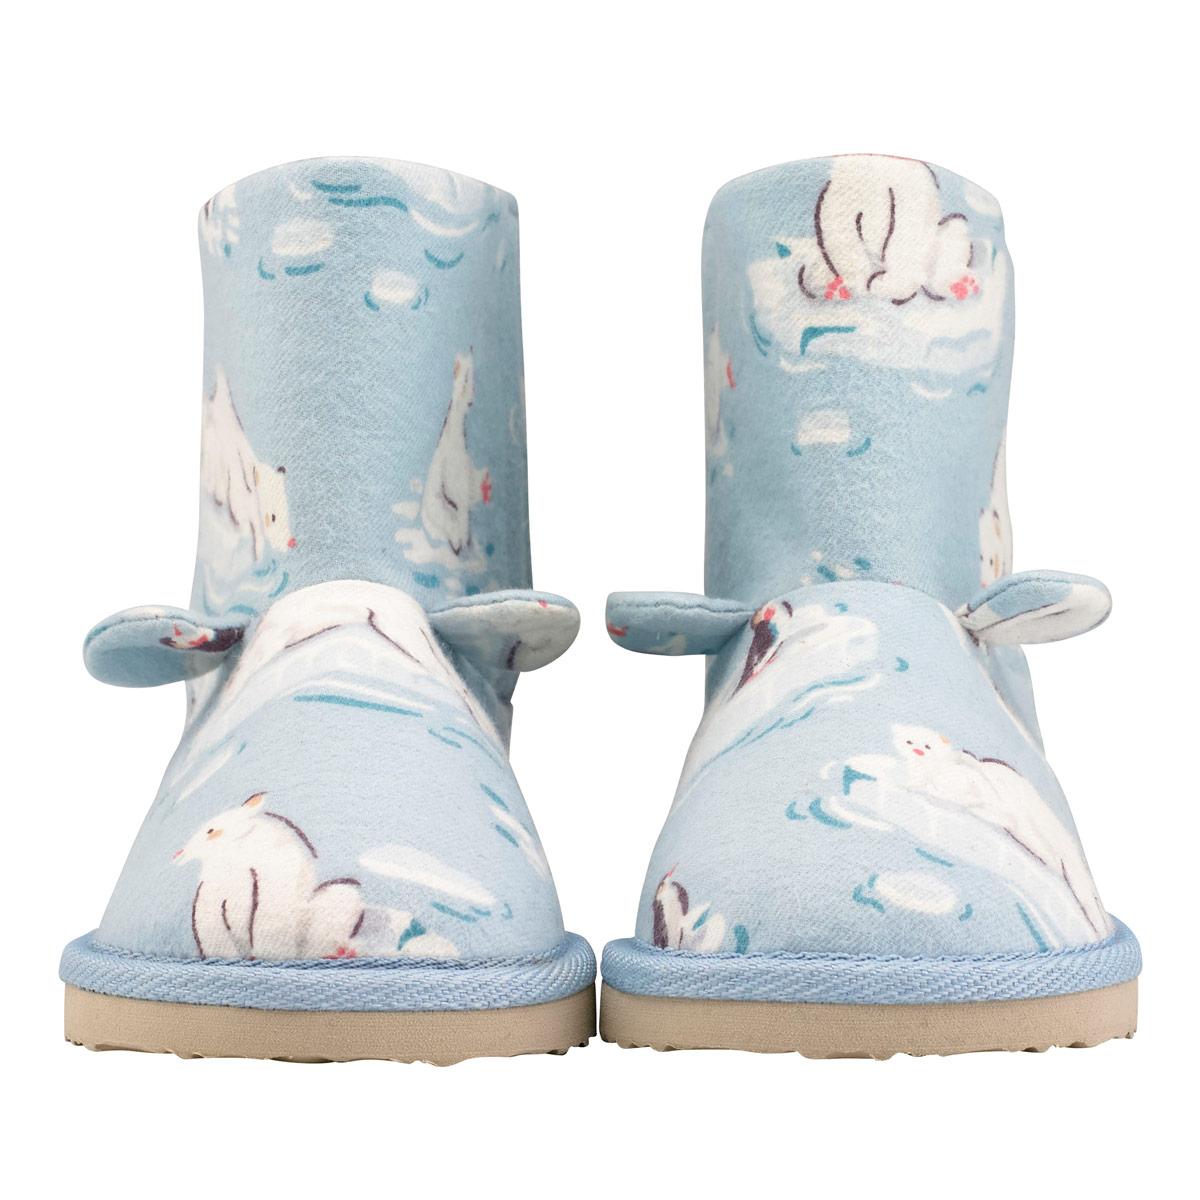 Cath Kidston girls polar bear slippers,£16 down to £8 @ Cath kidston,free c+c